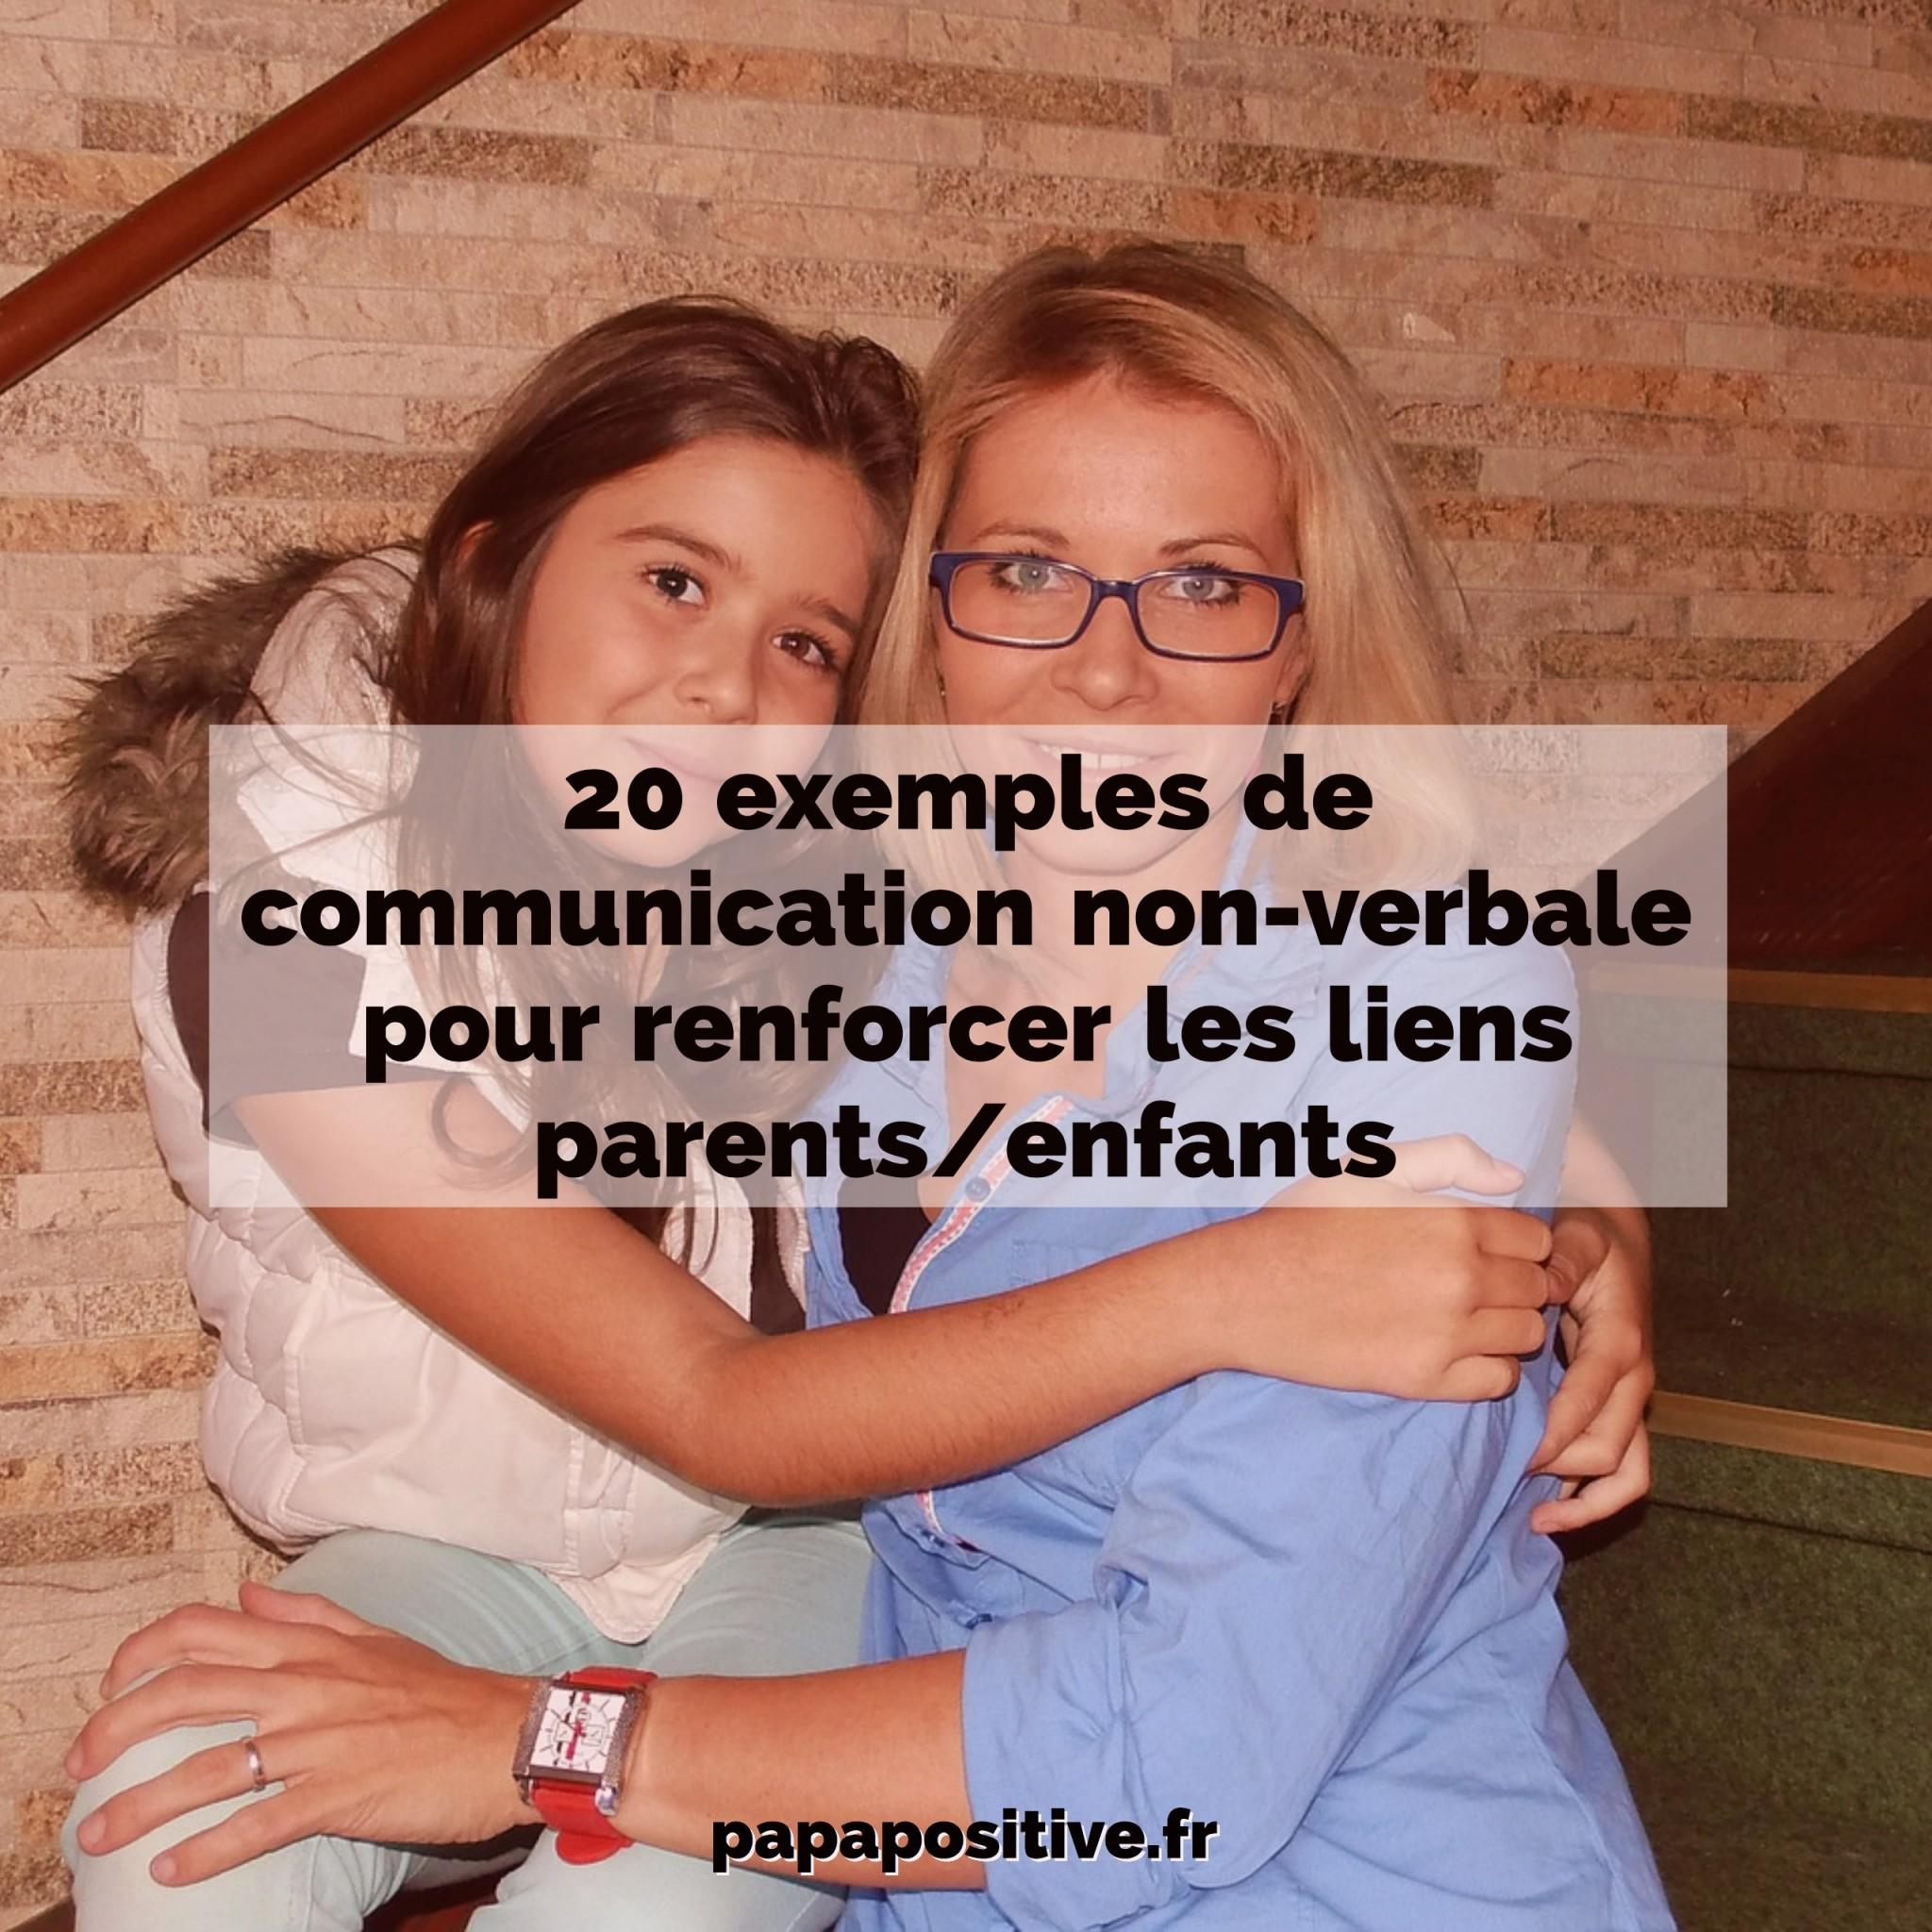 20 Exemples De Communication Non Verbale Pour Renforcer Les Liens